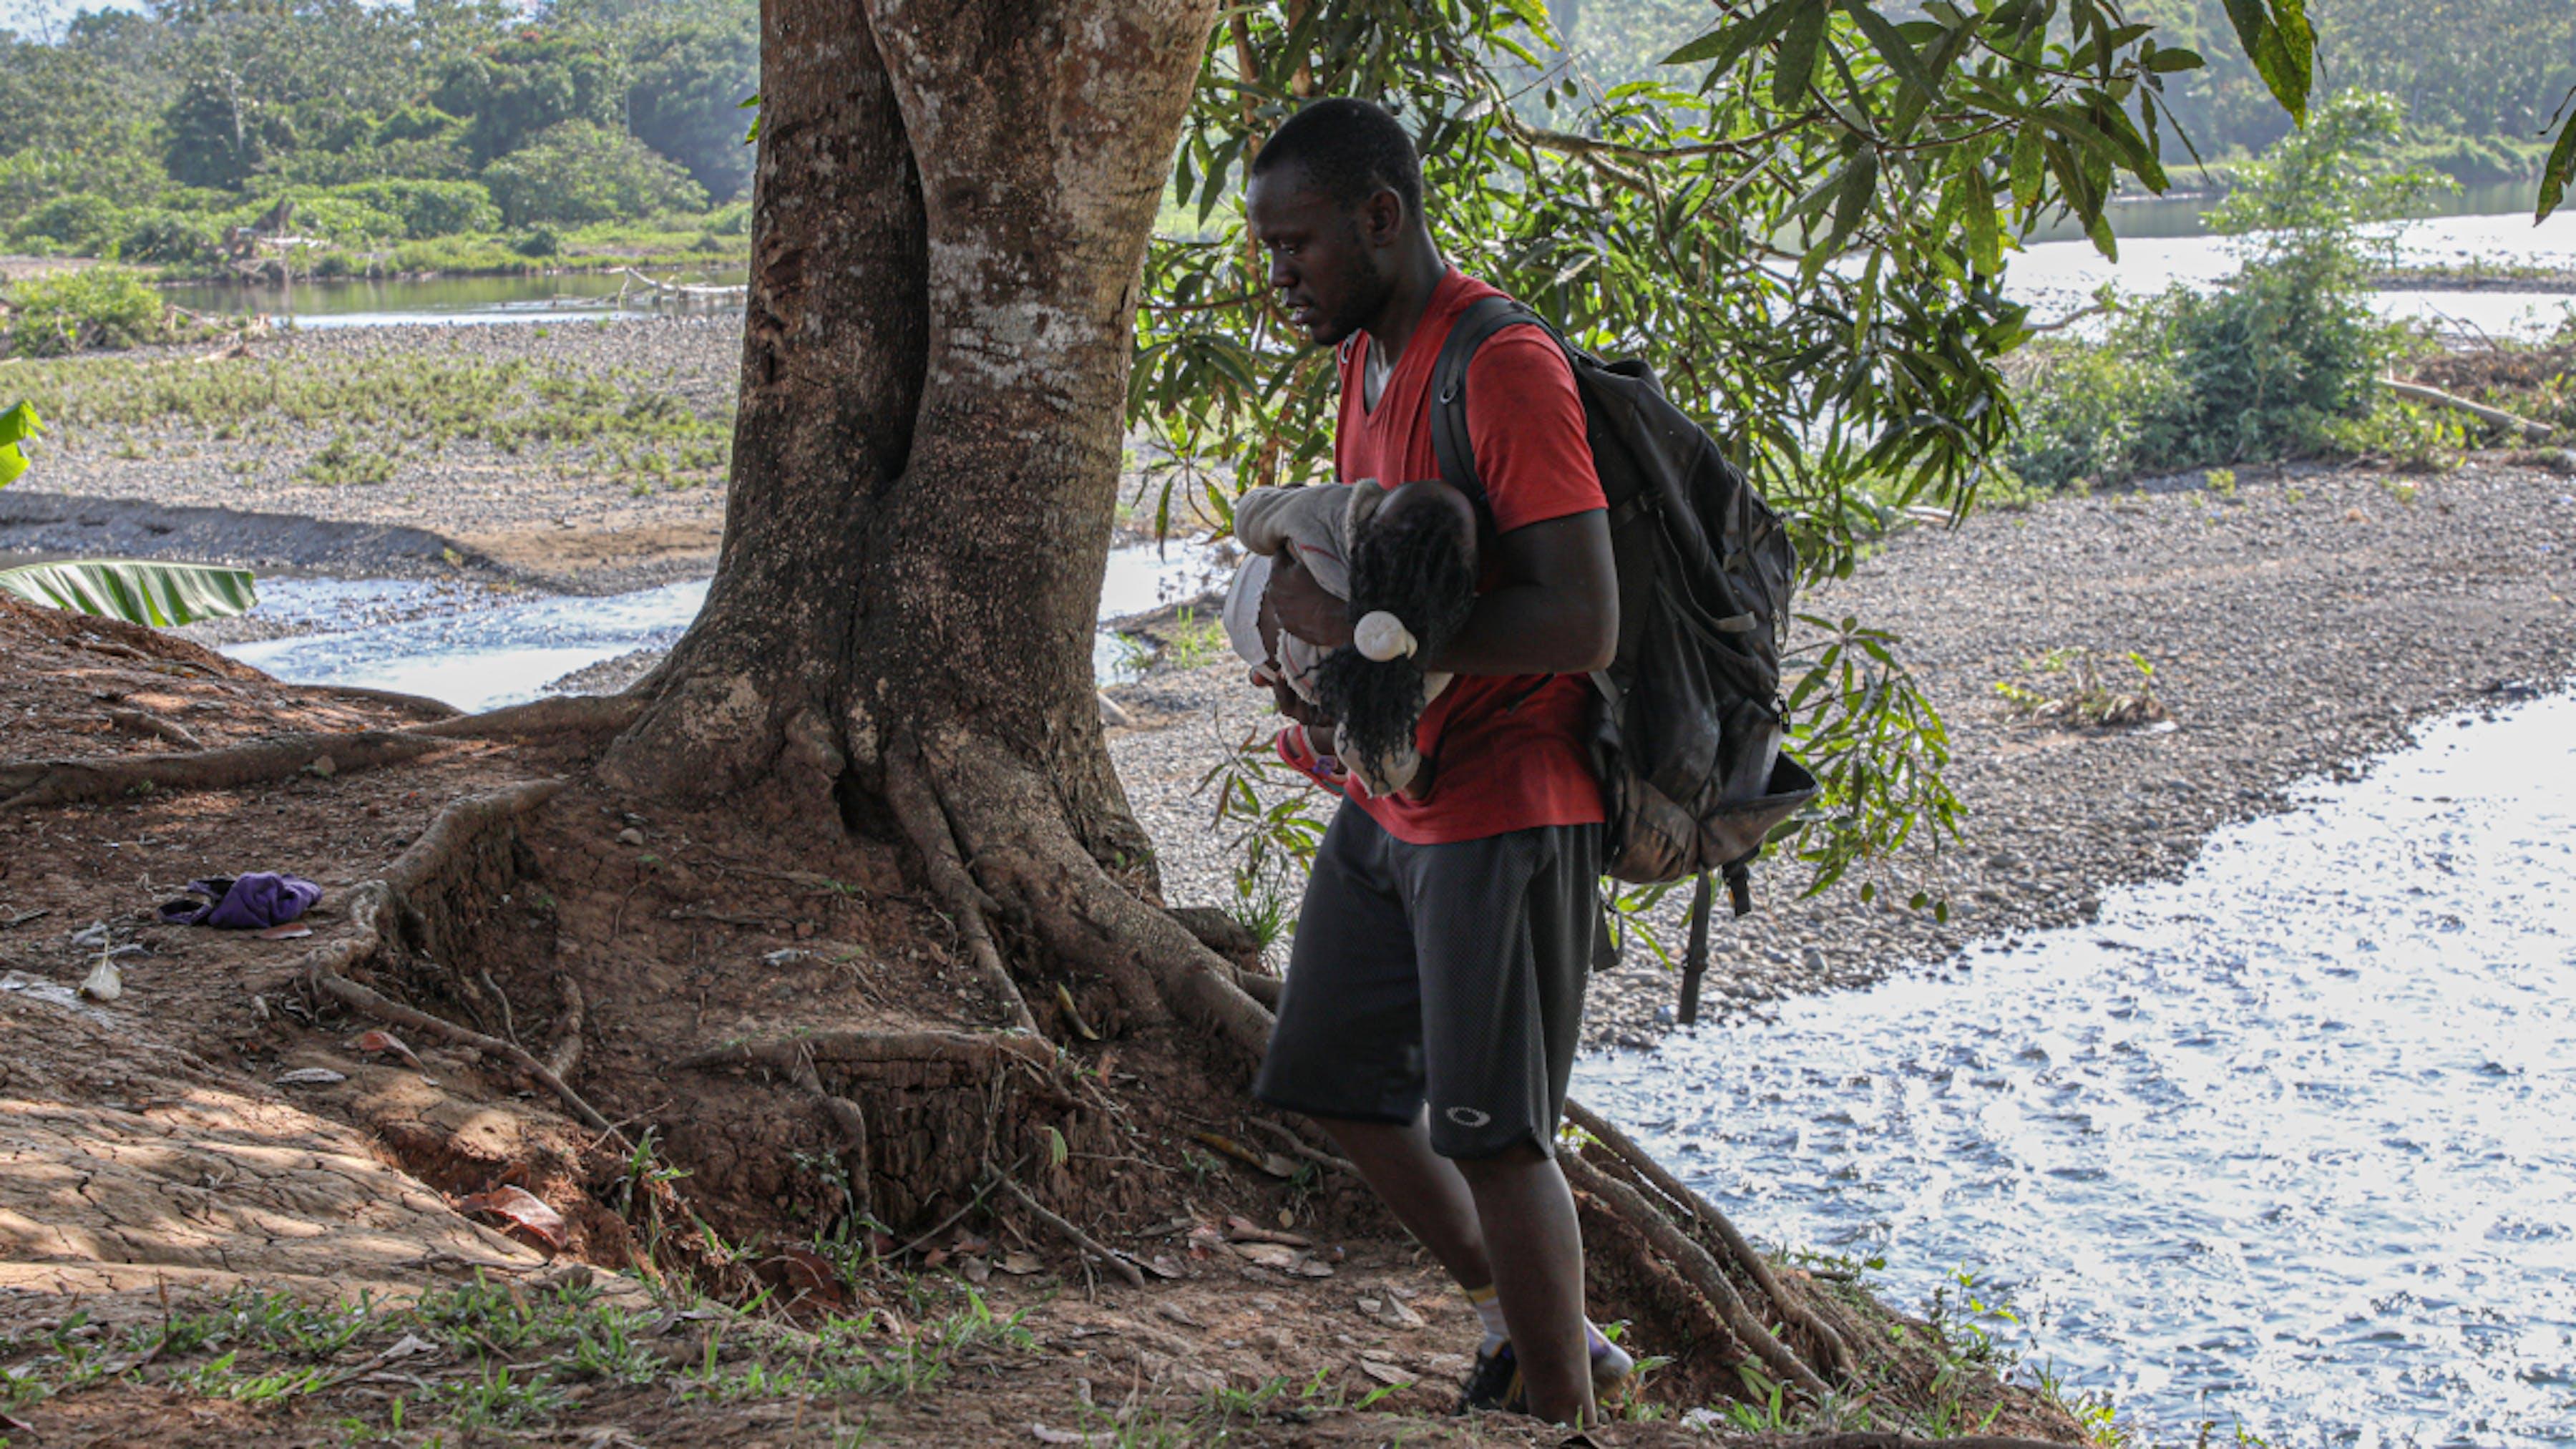 Panama, padre e figlio arrivano esausti dopo aver attraversato il Darien Gap fino a Bajo Chiquito